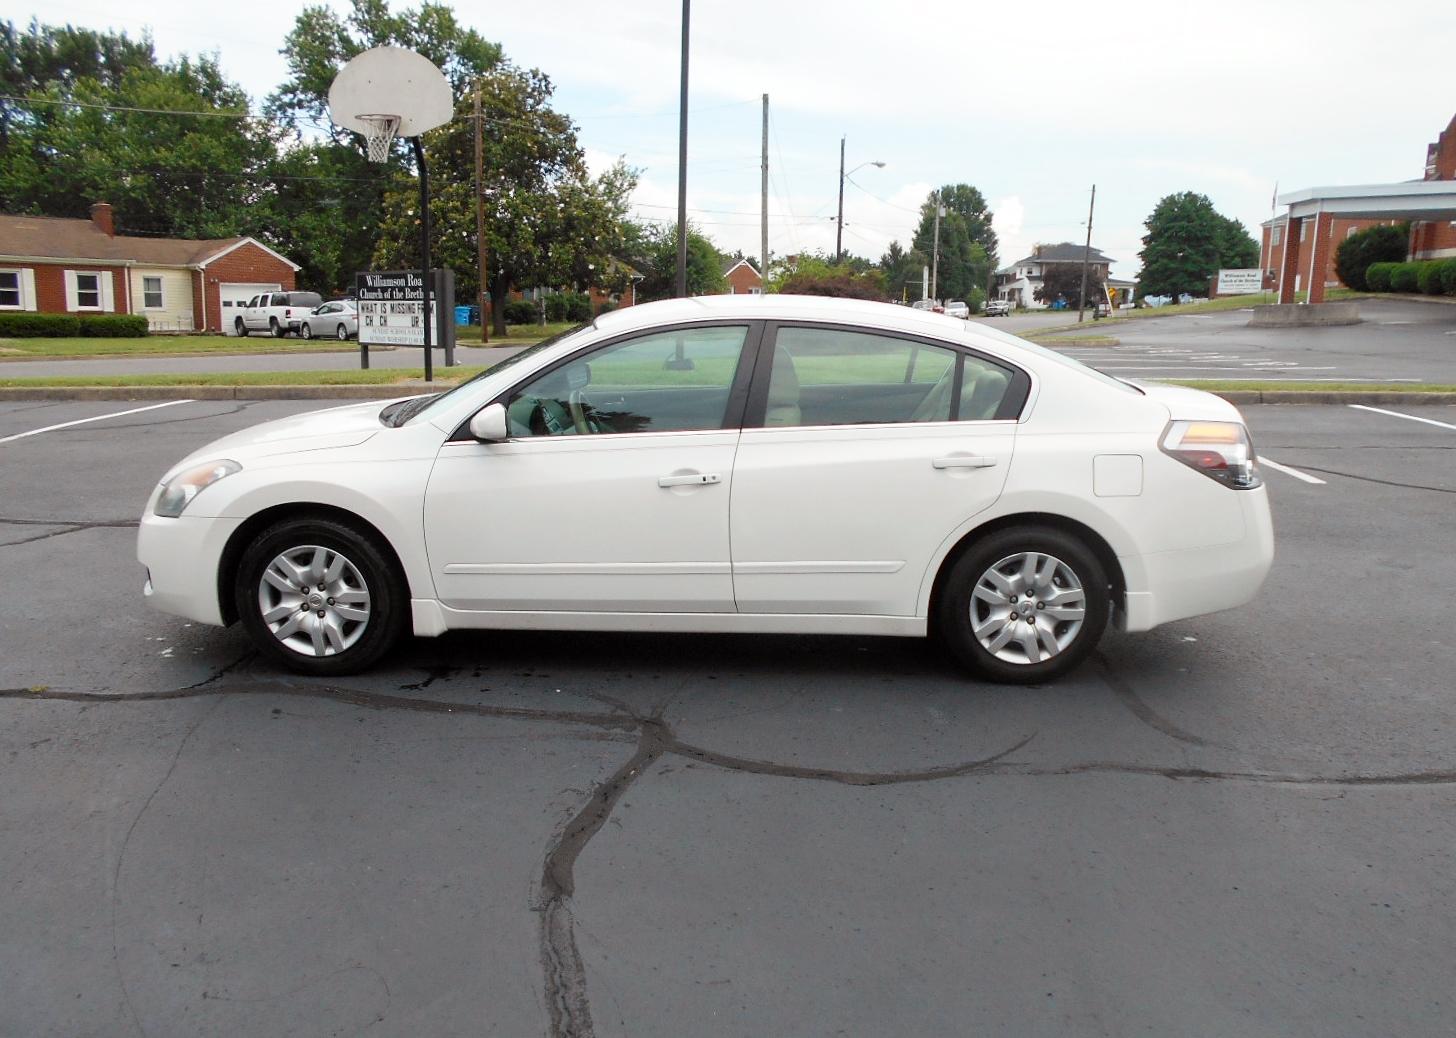 Nissan Altima 2.5S >> 2009 Nissan Altima 2.5S 008 2009 Nissan Altima 2.5S 008 – Automobile Exchange